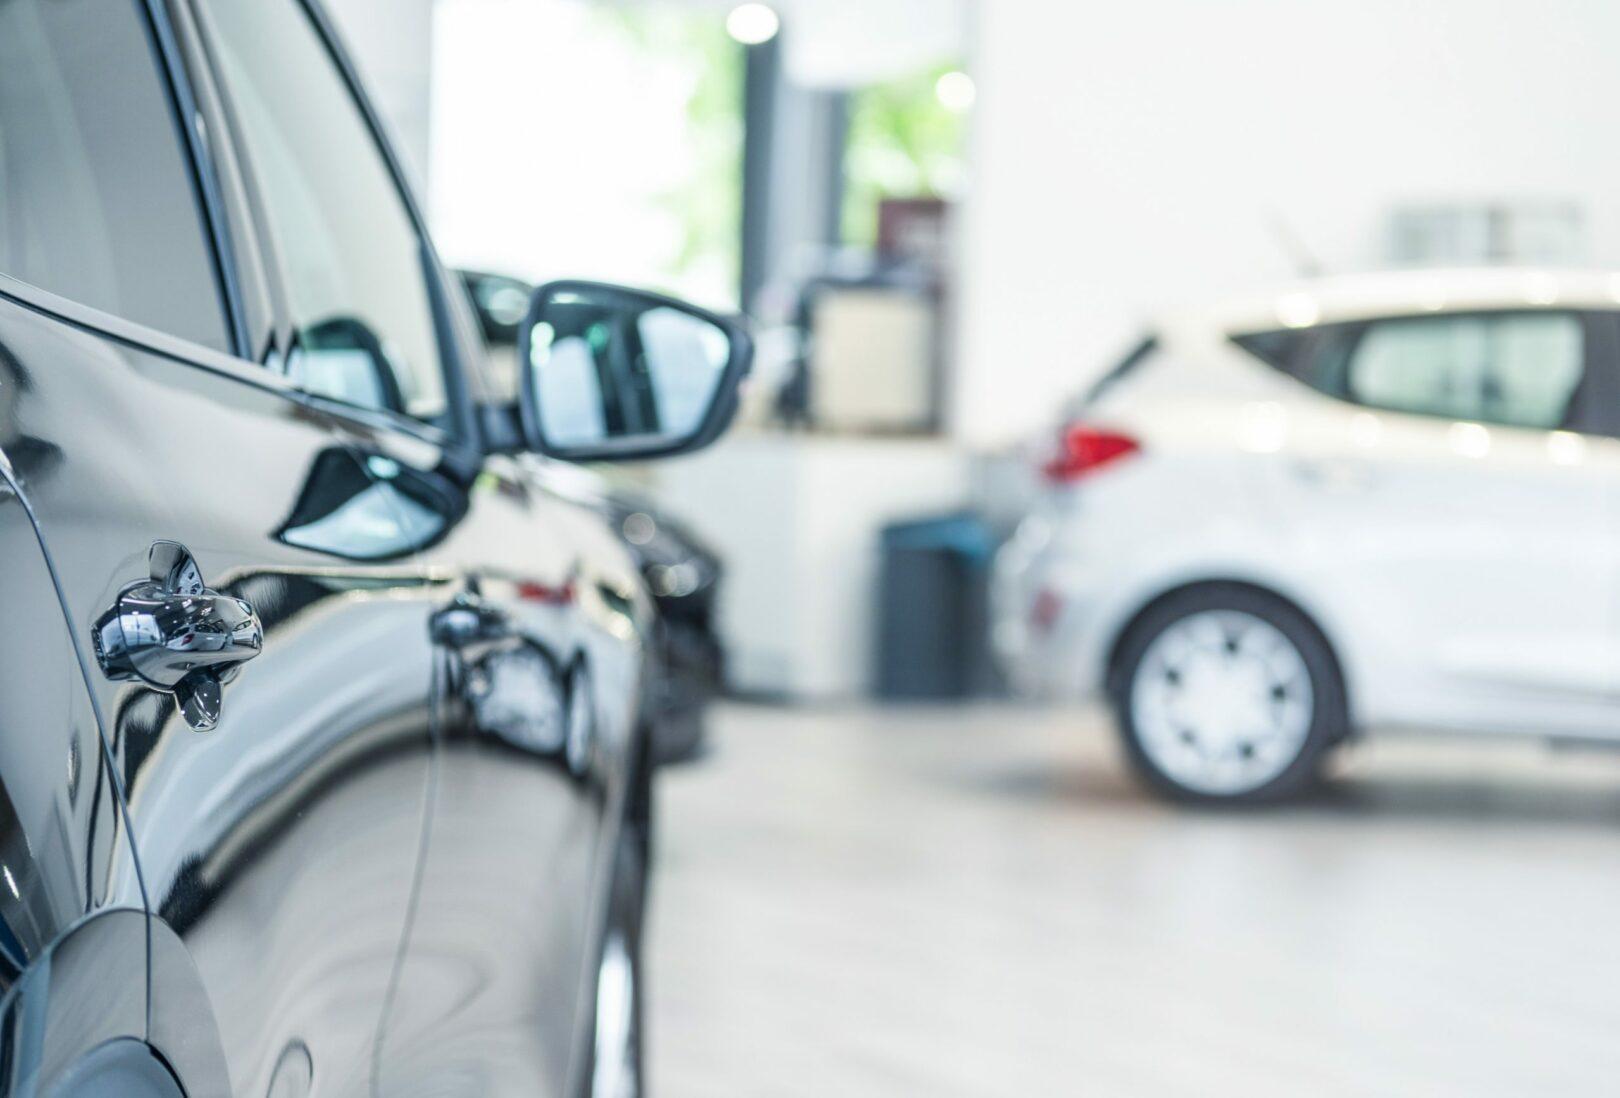 Descubra como melhorar a estratégia da sua revendedora de carros